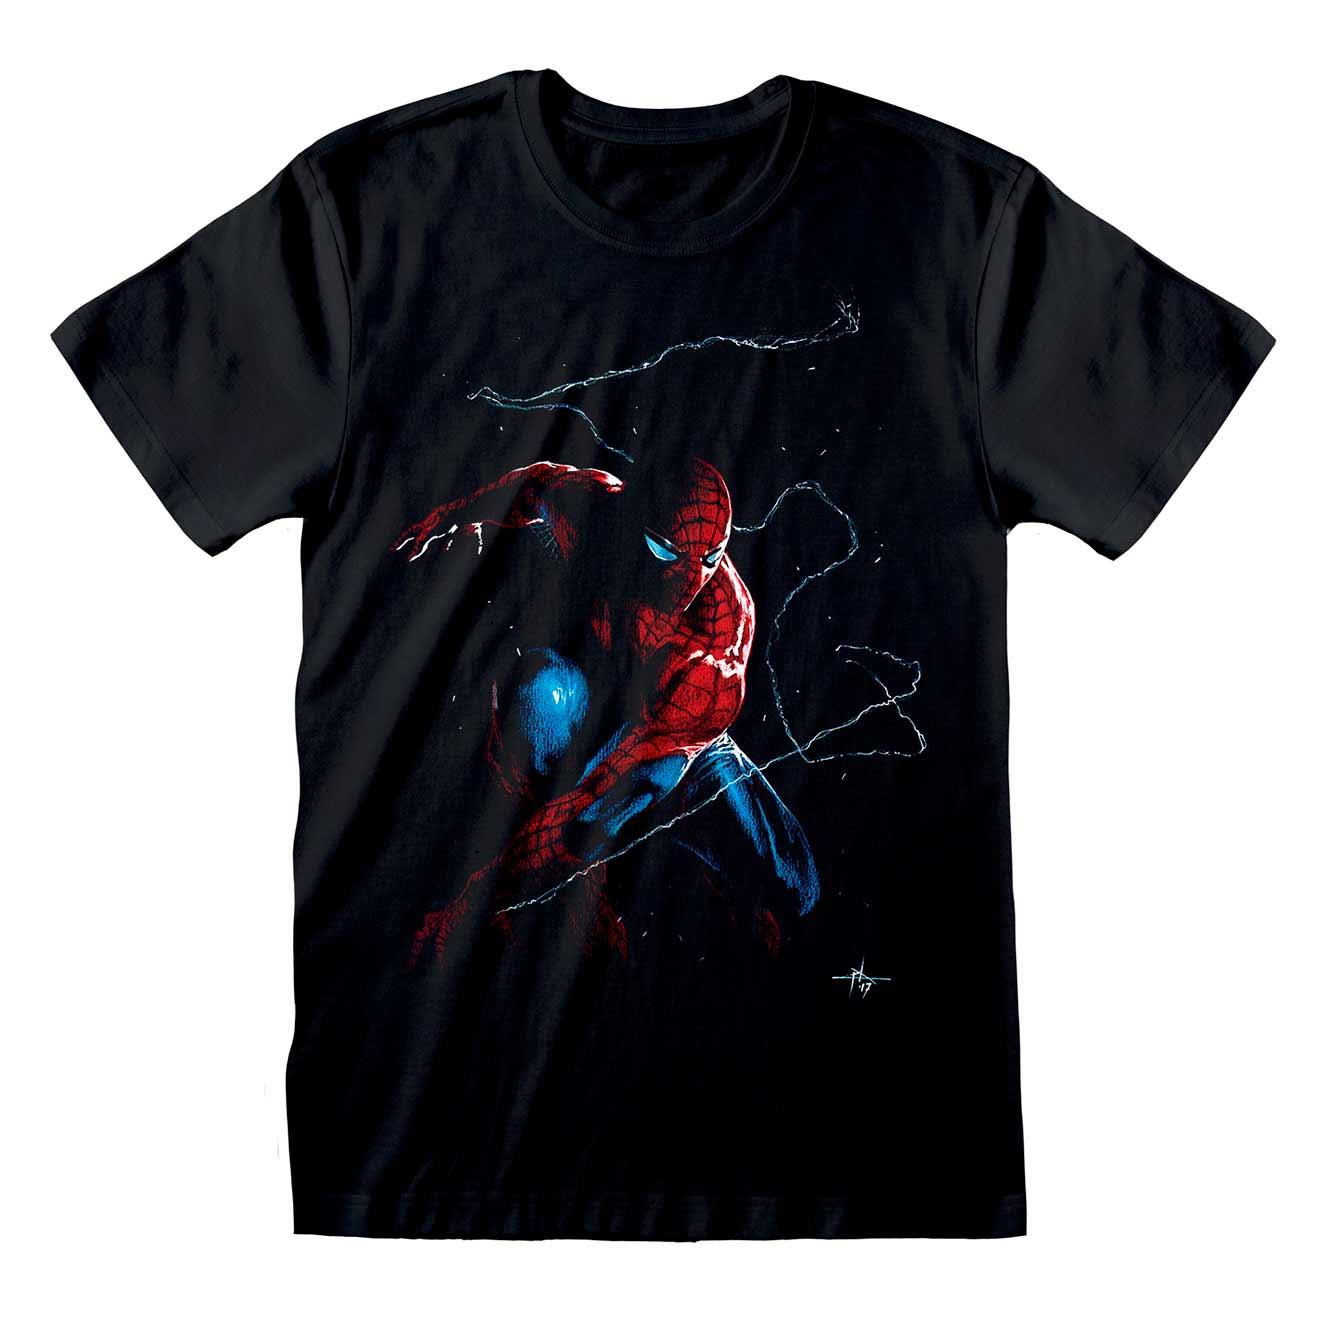 spider-man-art-work-t-shirt-black